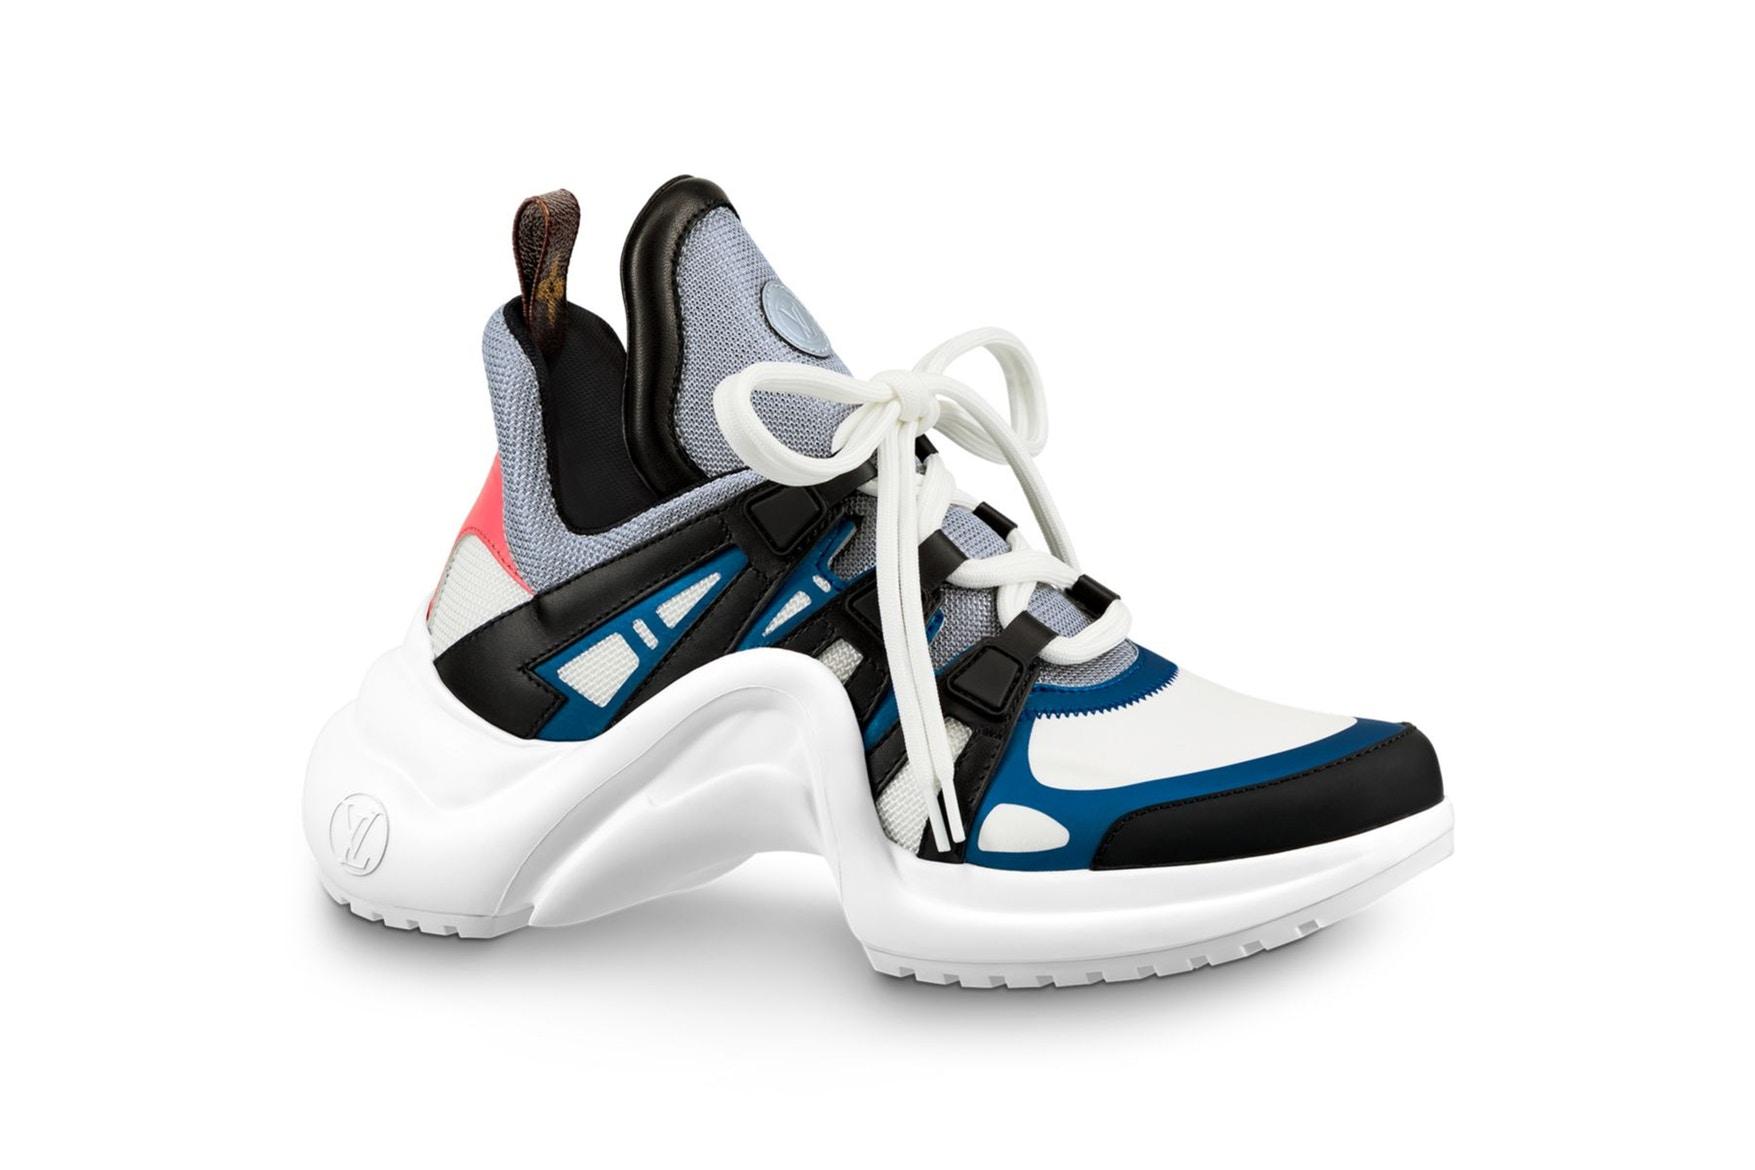 跟上醜鞋風潮 Louis Vuitton 也出 Dad Shoes  7 色齊發正式開賣